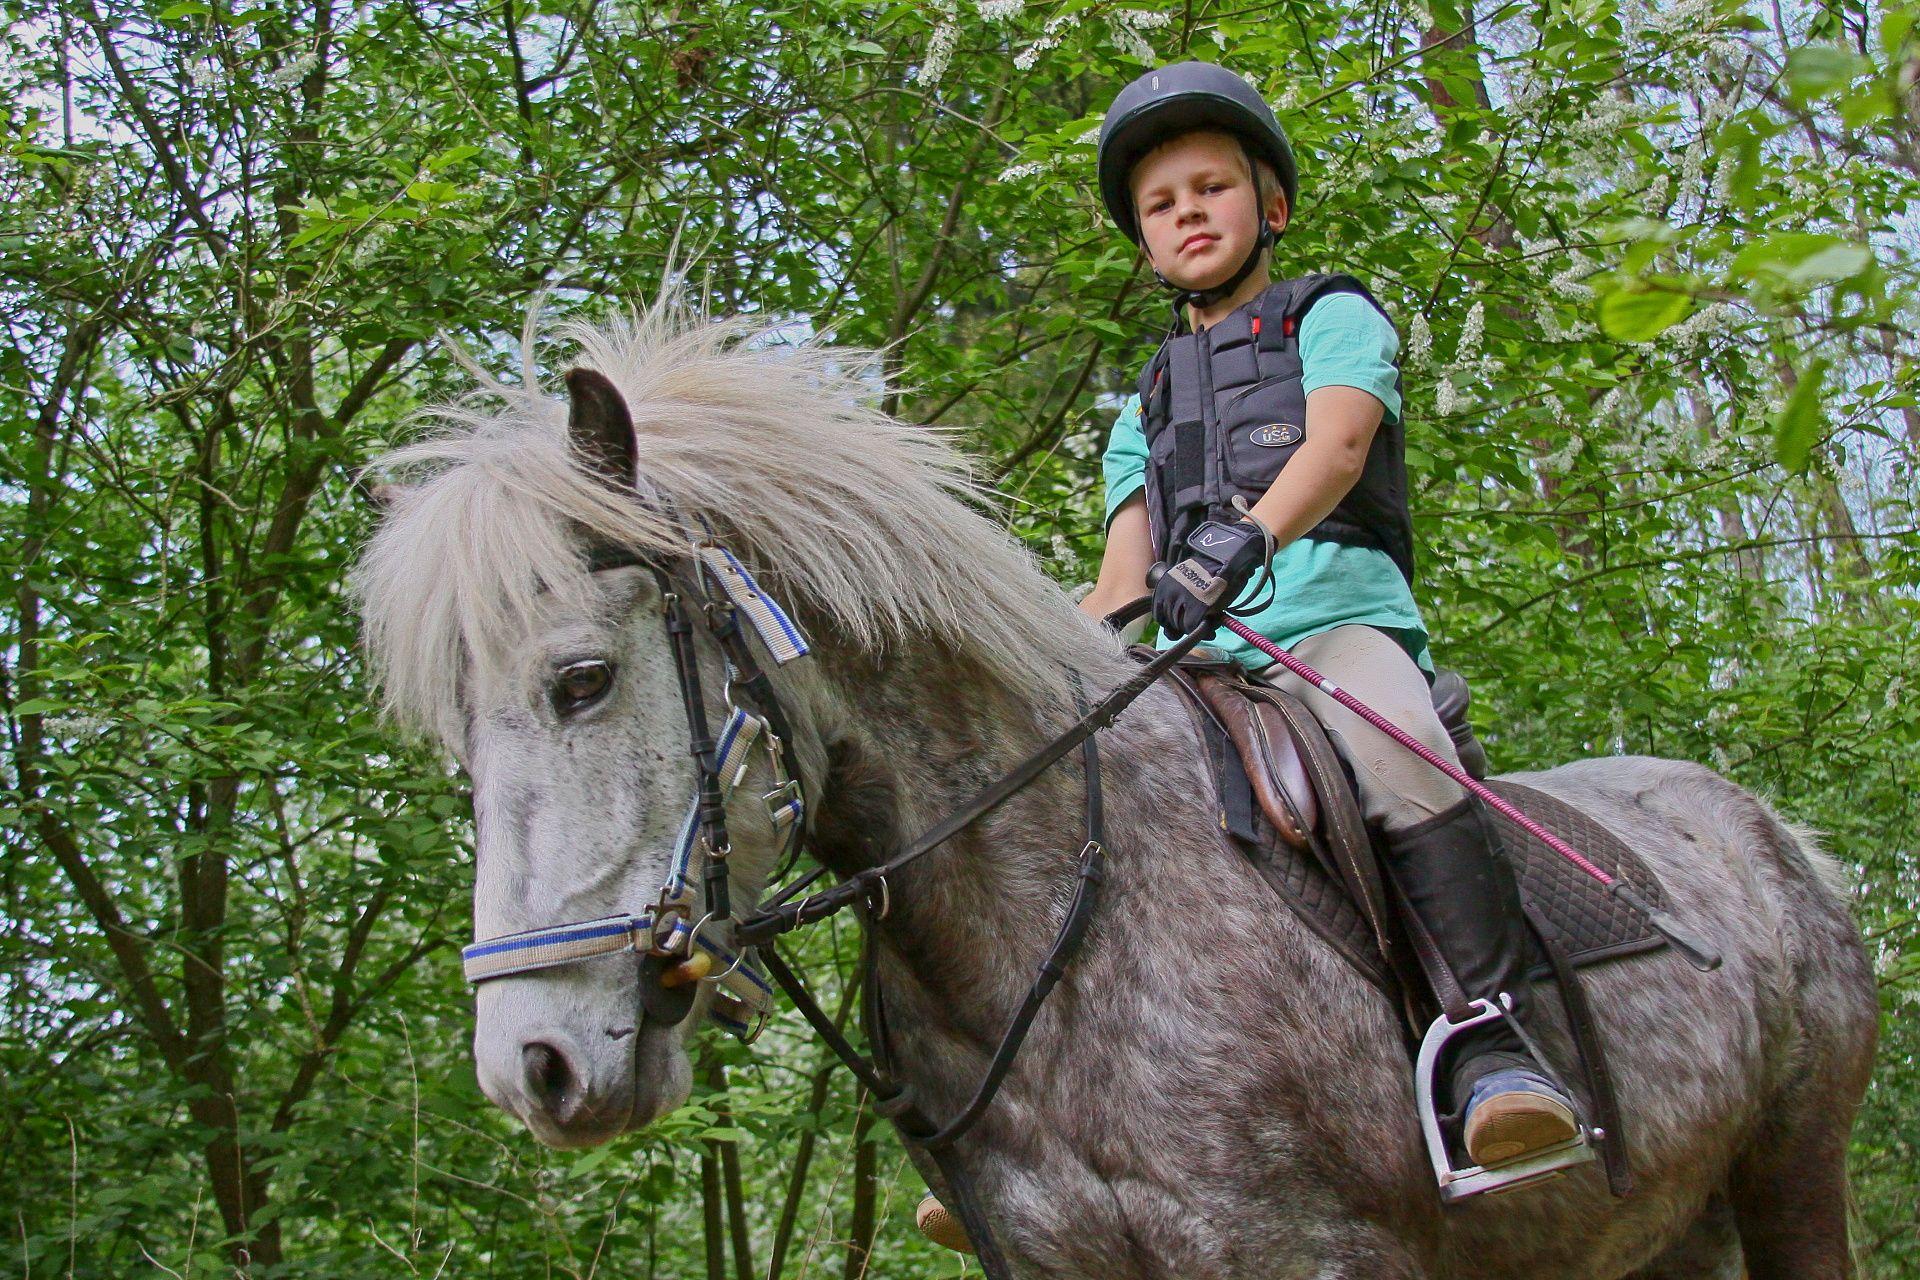 Jízda na koni je vhodná pro děti i dospělé